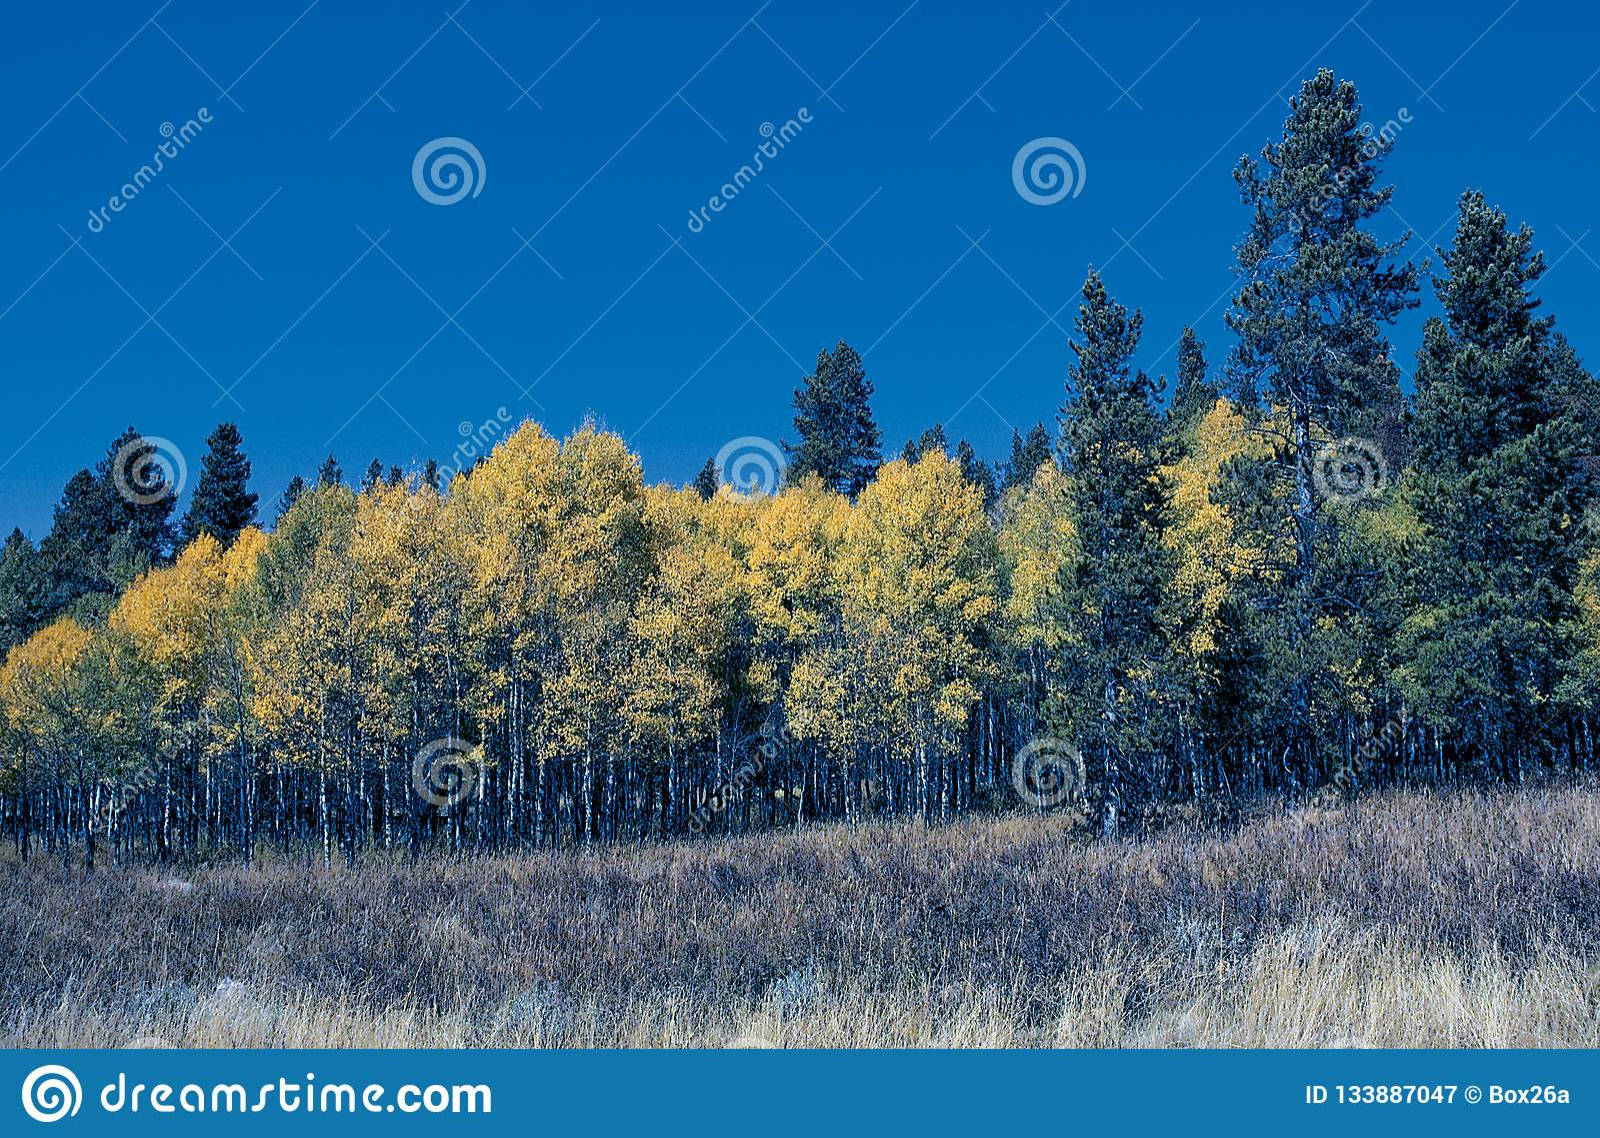 Suporte de Aspen Trees com Evergreens